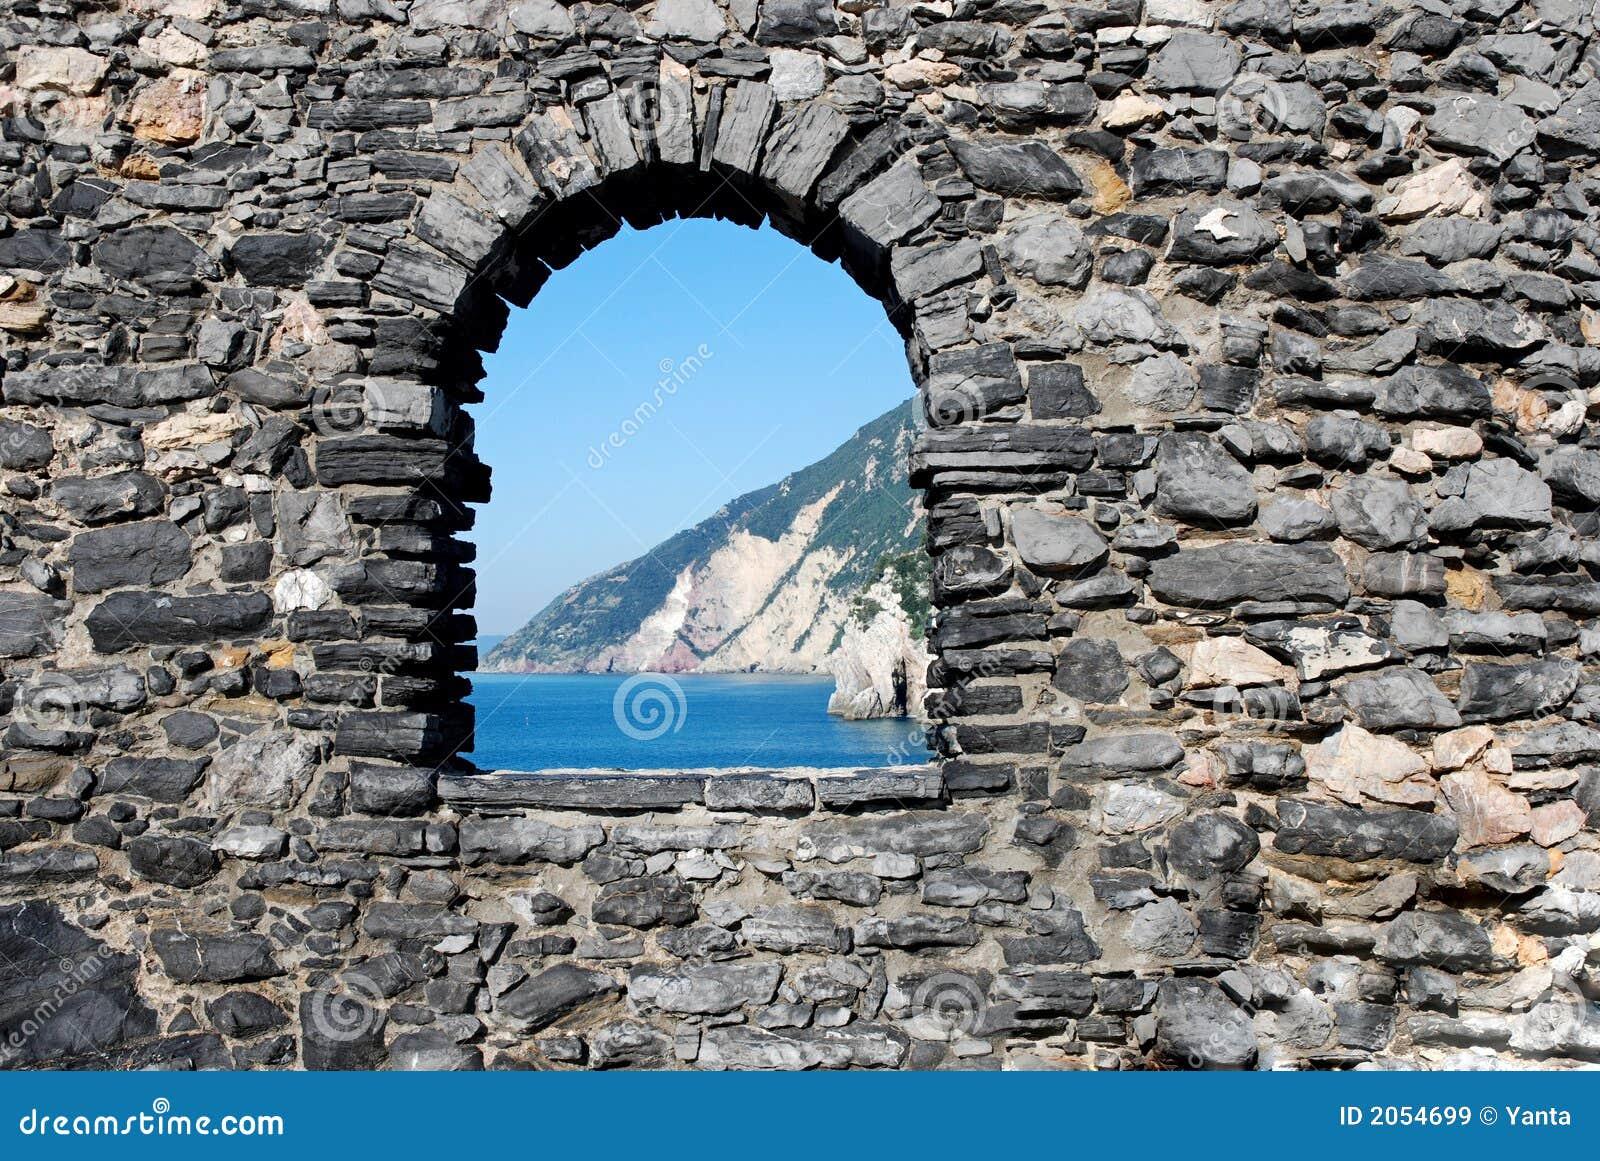 Finestra nel muro di mattoni con vista sul mare piacevole immagini stock libere da diritti - Aprire finestra muro esterno ...